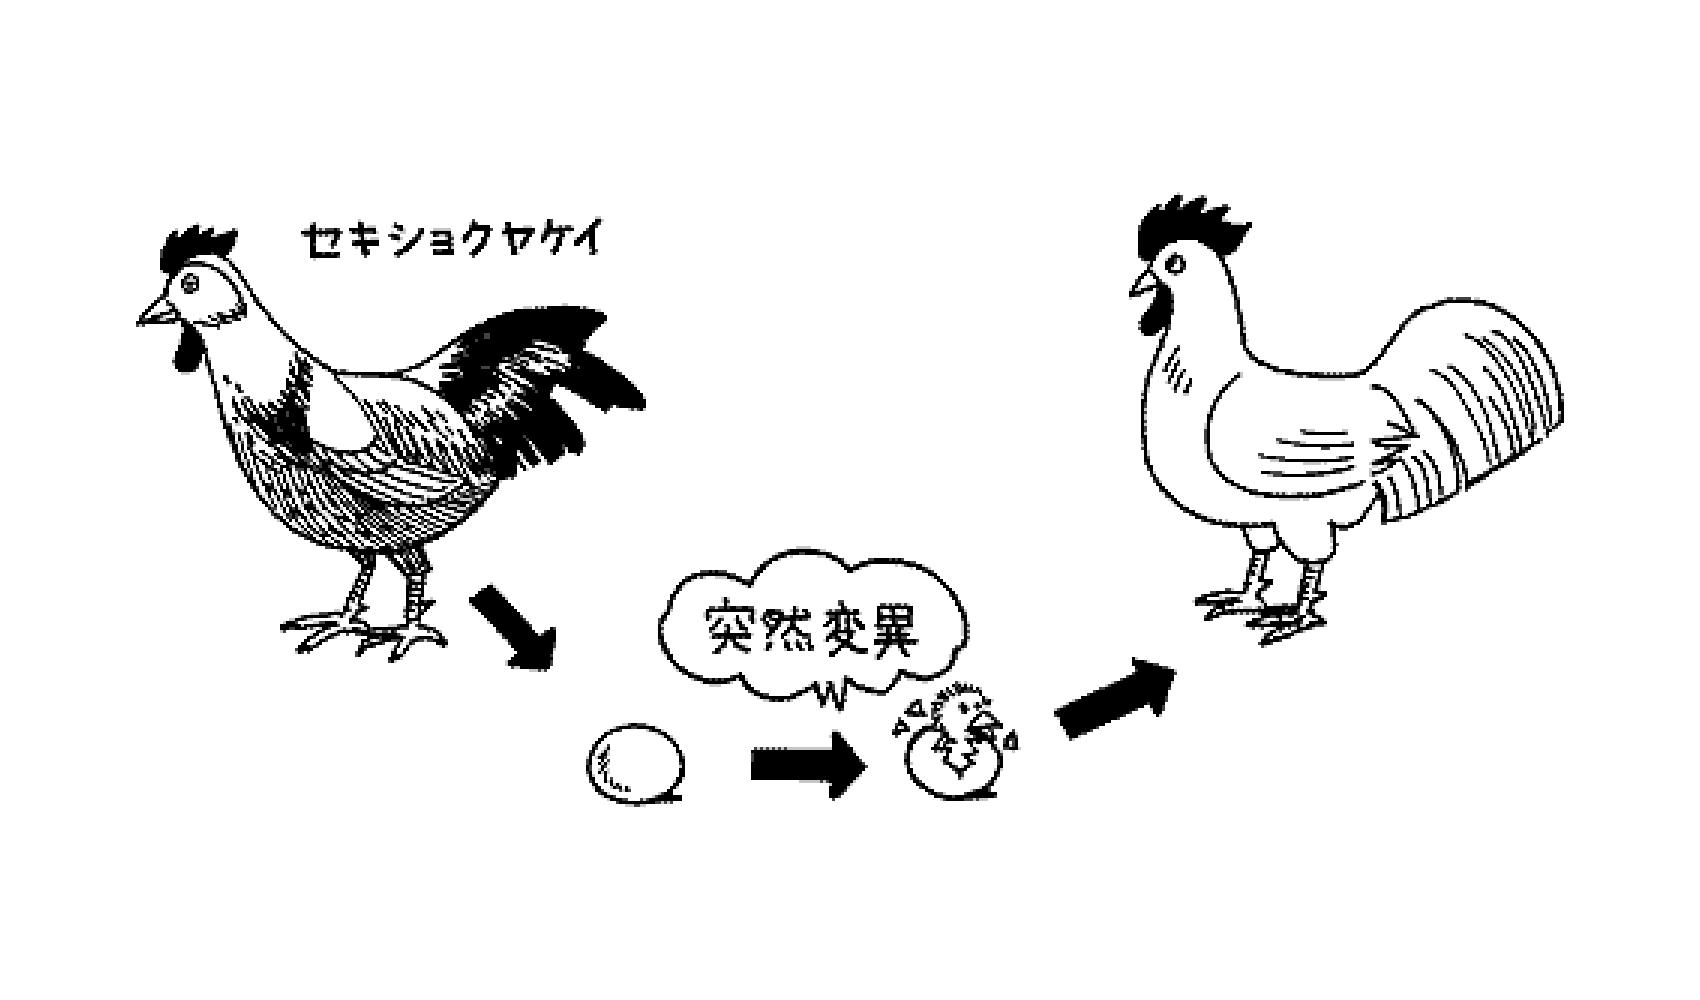 ニワトリとたまごはどっちが先にうまれたの | 空の動物 | 科学なぜなぜ ...